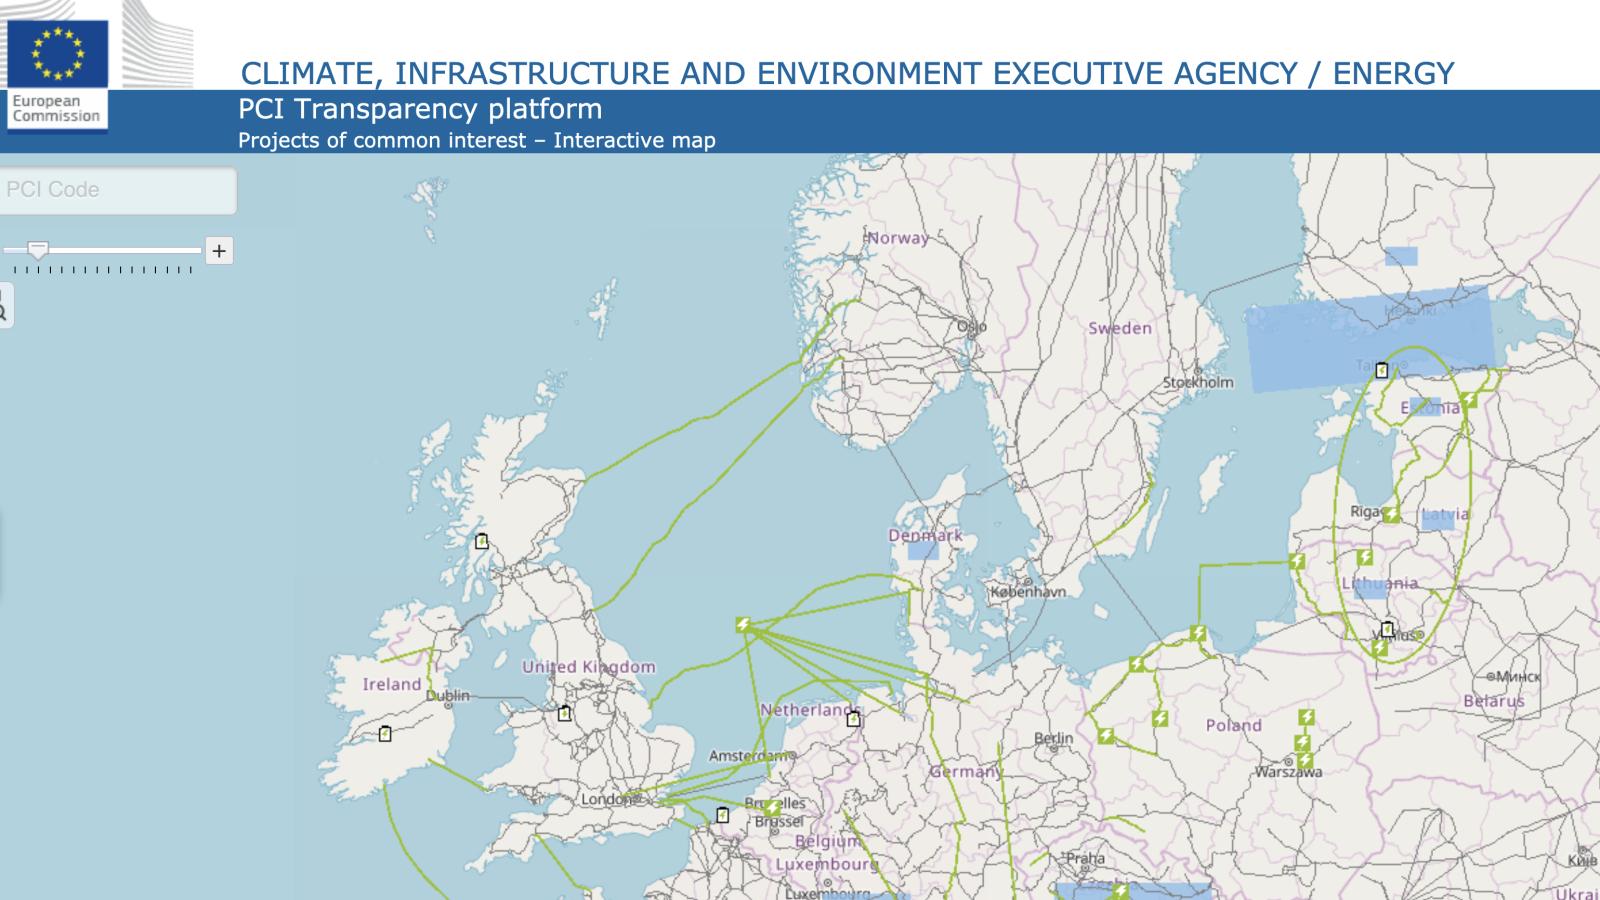 Fra EU-kommisjonens interaktive kart over PCI-prosjekter for elektrisitet.